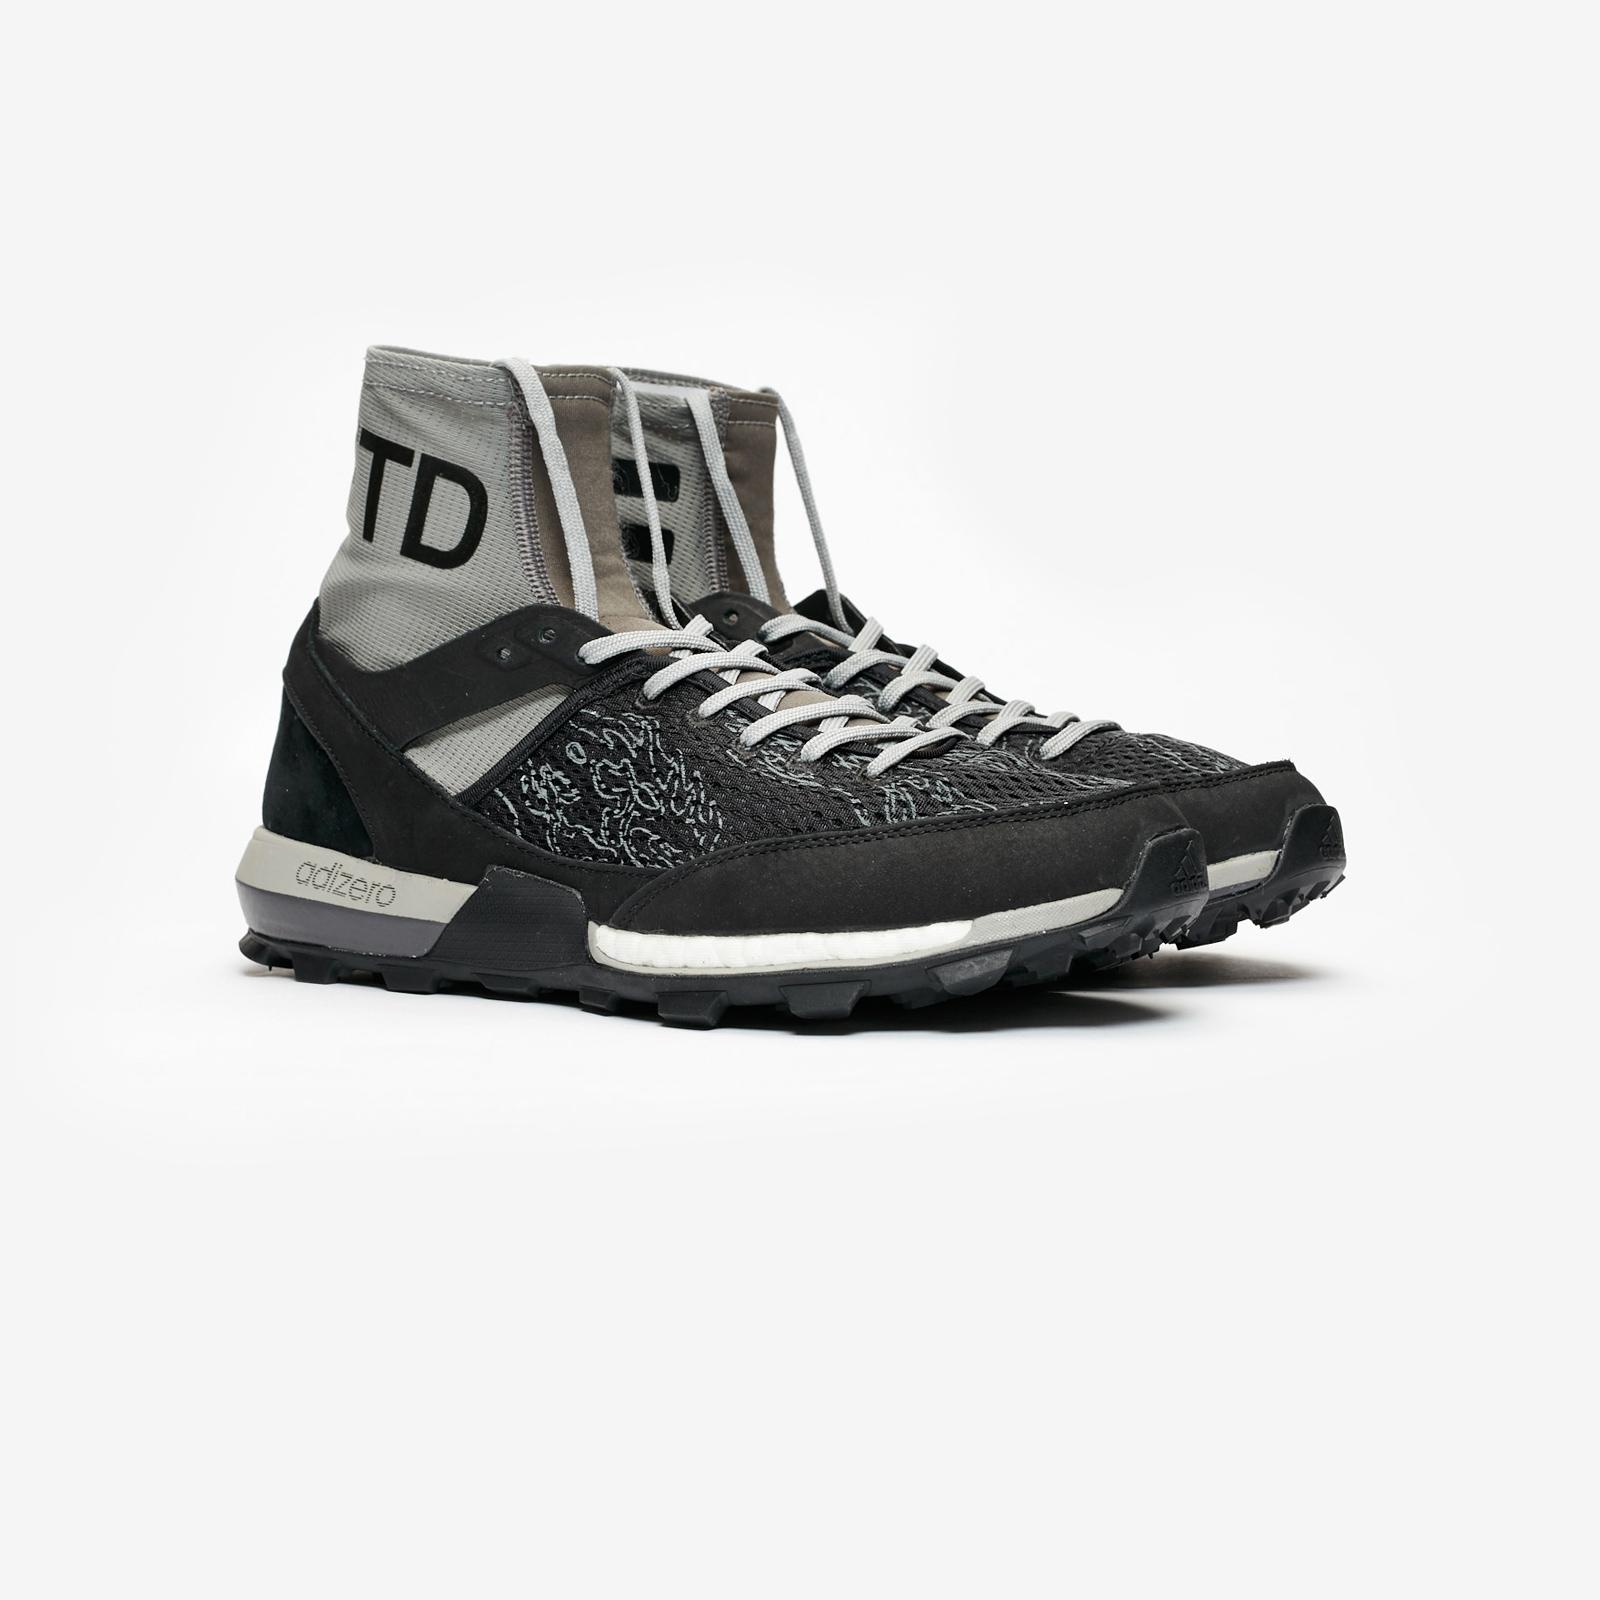 9d90ba6f425c adidas Adizero XT Boost x UNDFTD - Cg7169 - Sneakersnstuff ...